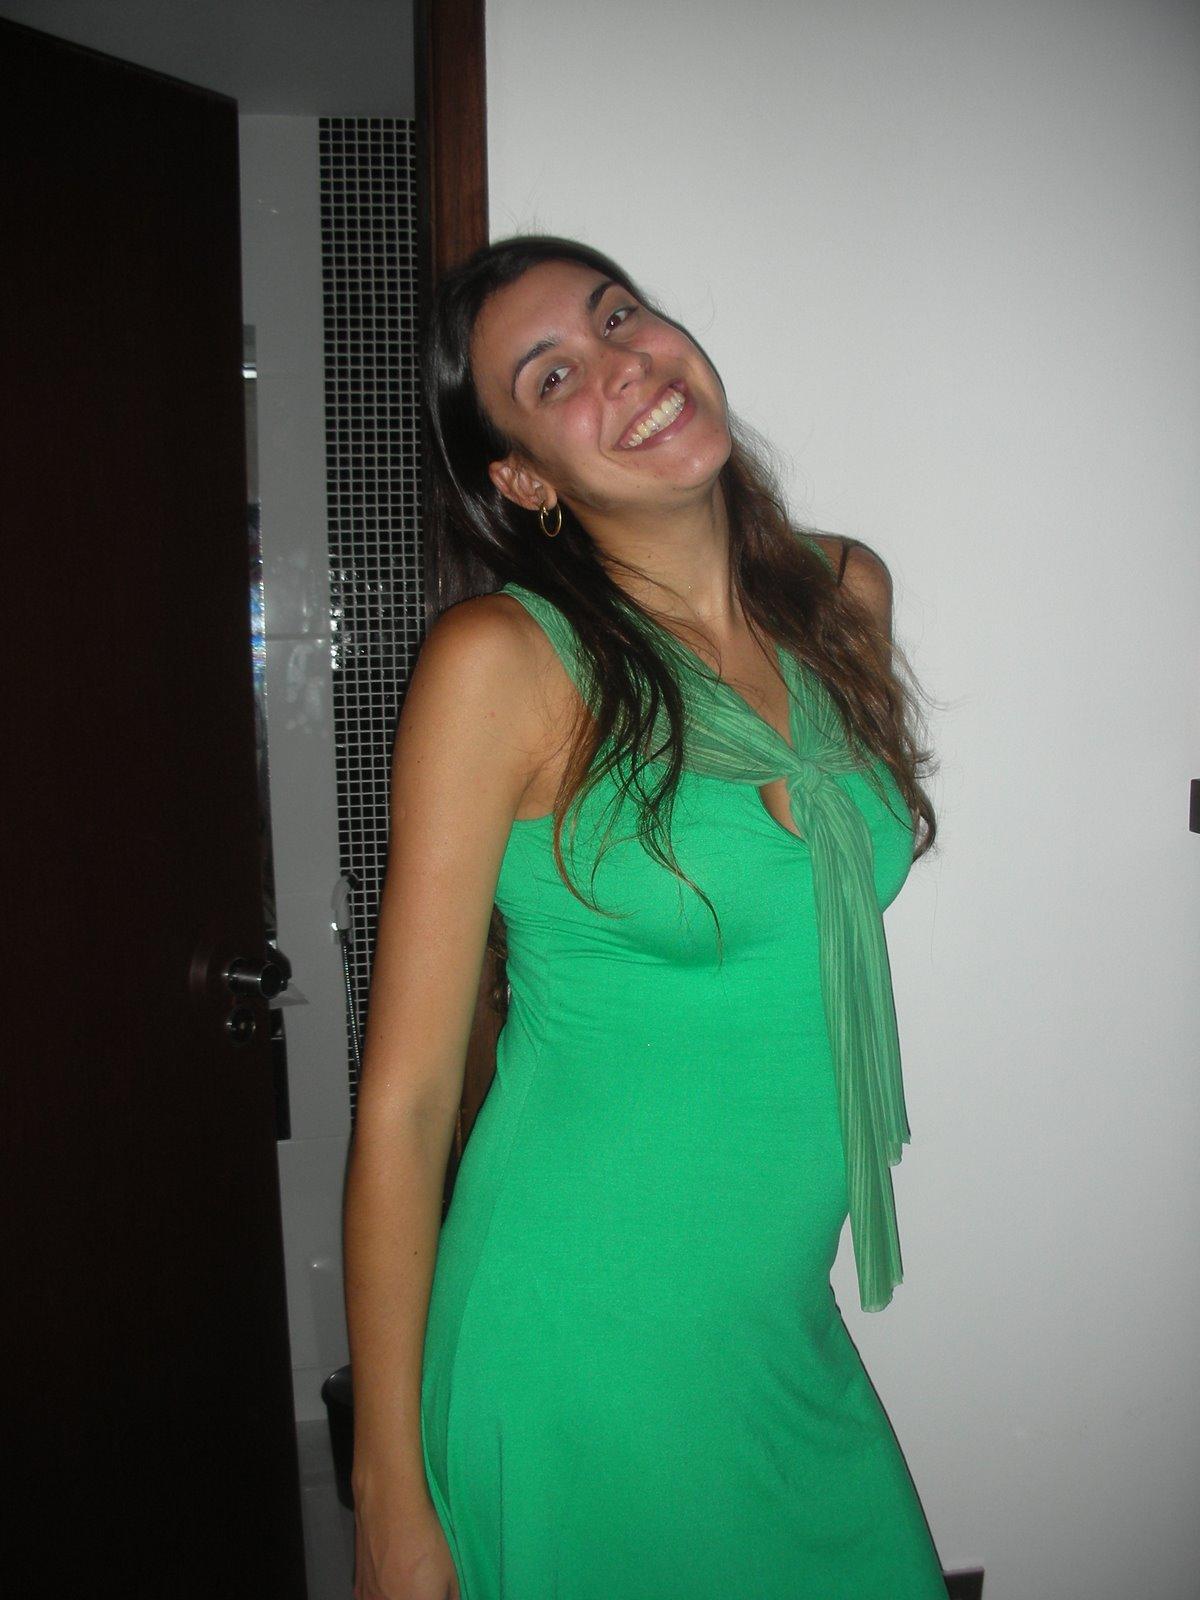 [Bella_barriga_20080213+004.jpg]